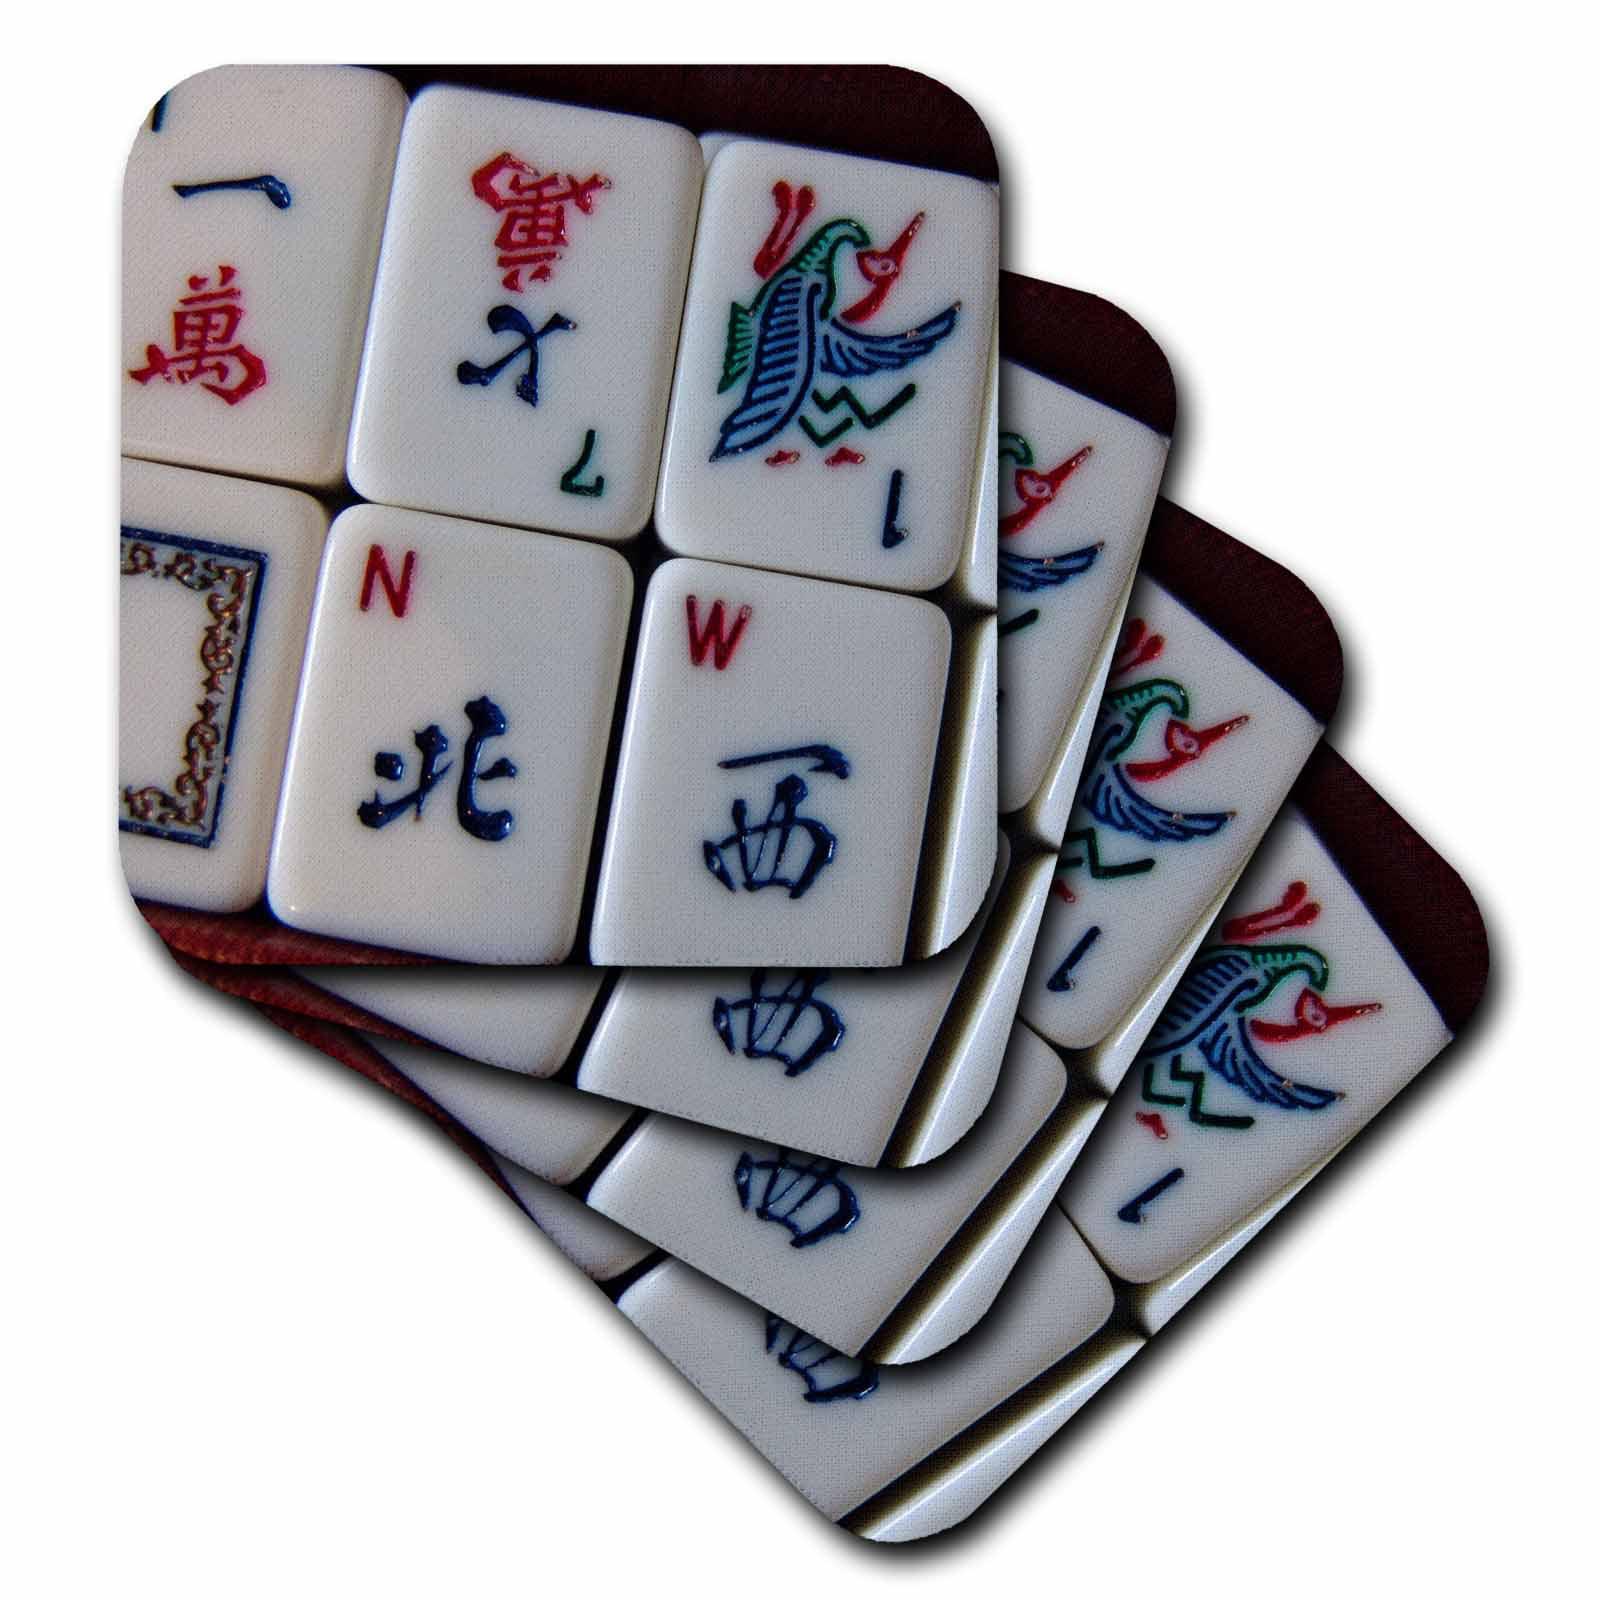 3dRose Luv Mah Jongg, Ceramic Tile Coasters, set of 4 by 3dRose